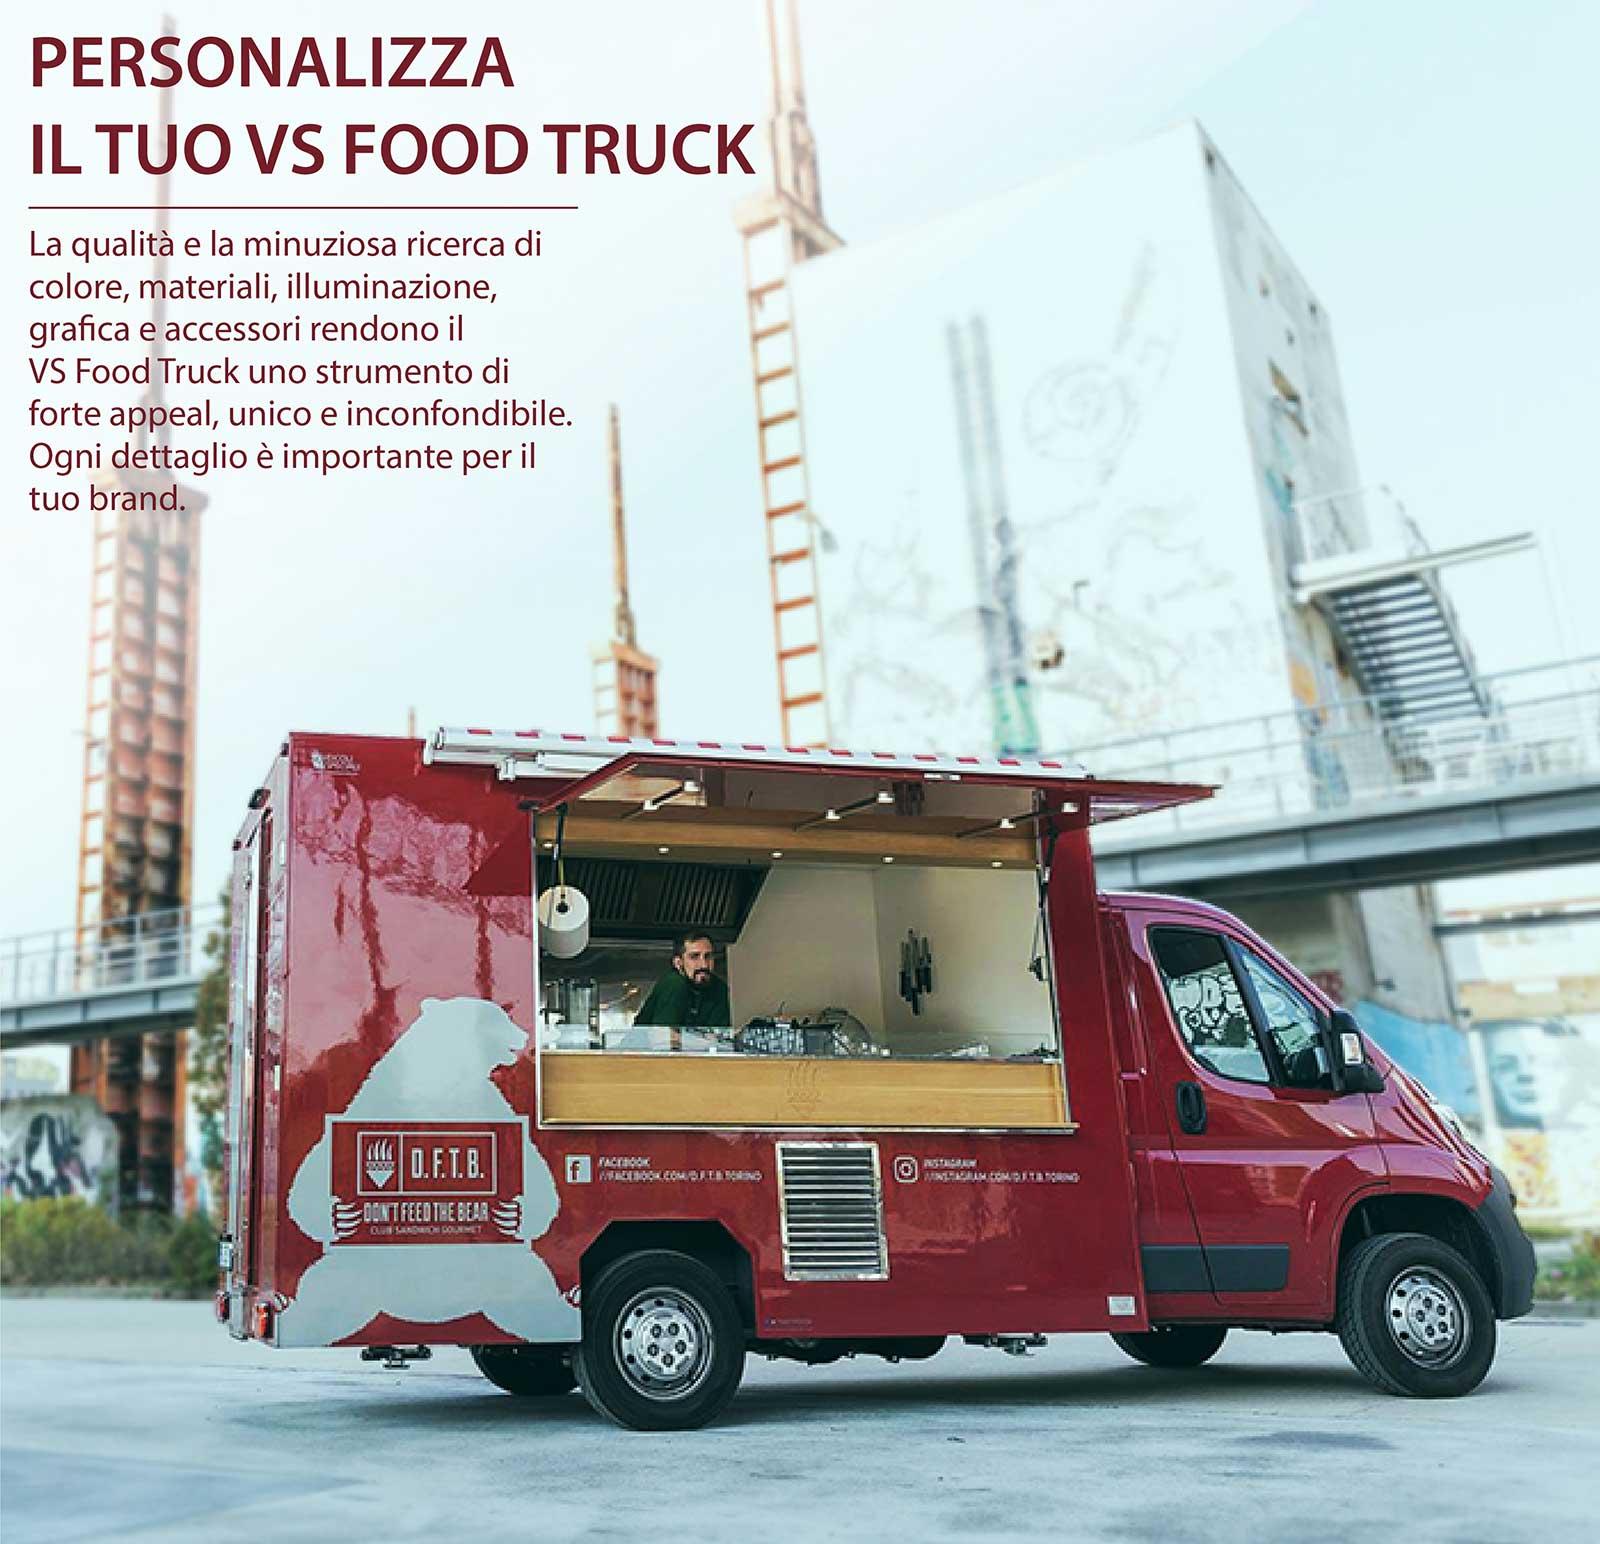 Professional food truck per ristorazione mobile e promozione del brand